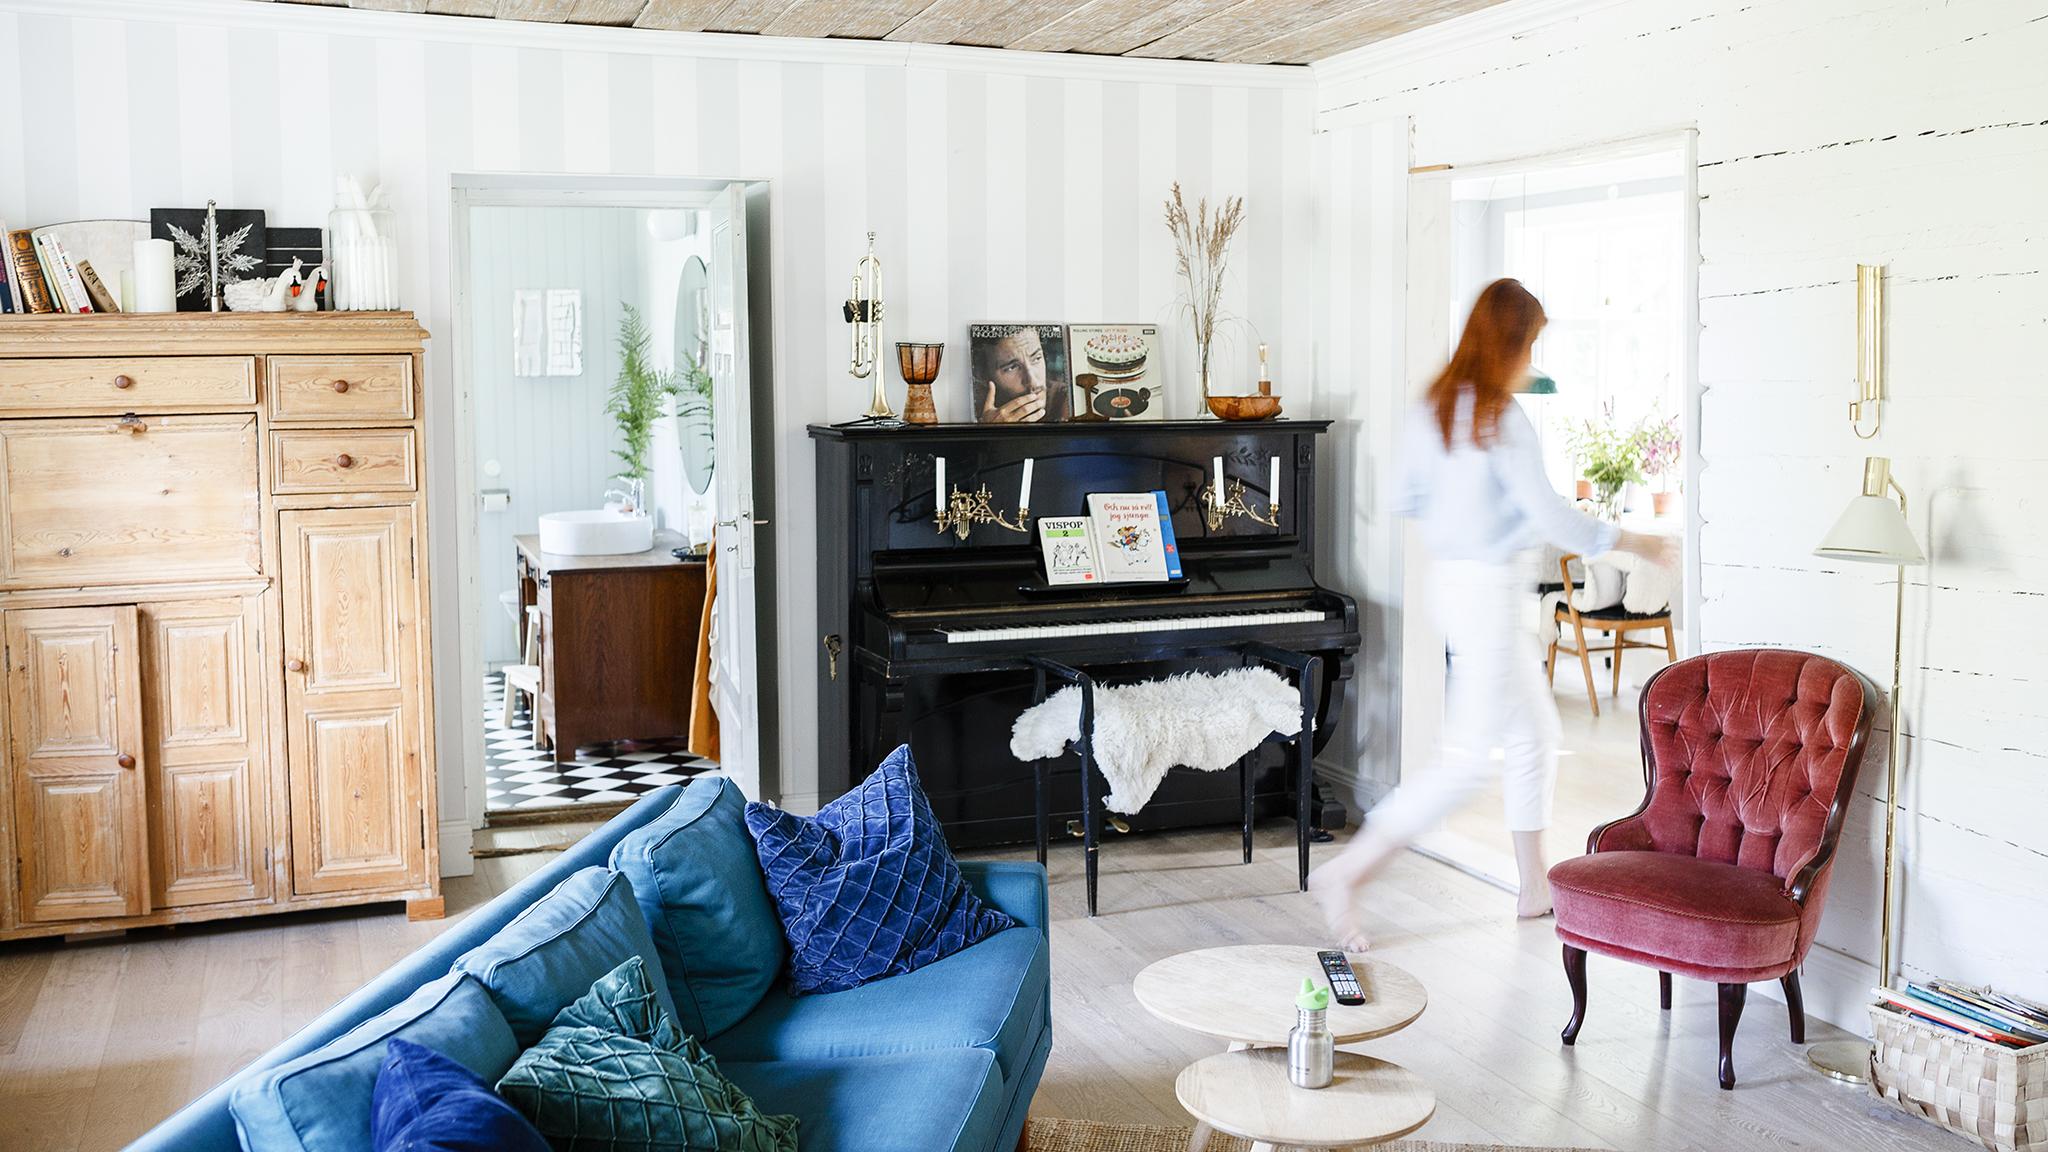 vardsgsrum med blå soffa, svart piano och en rosa emma-fåtölj.